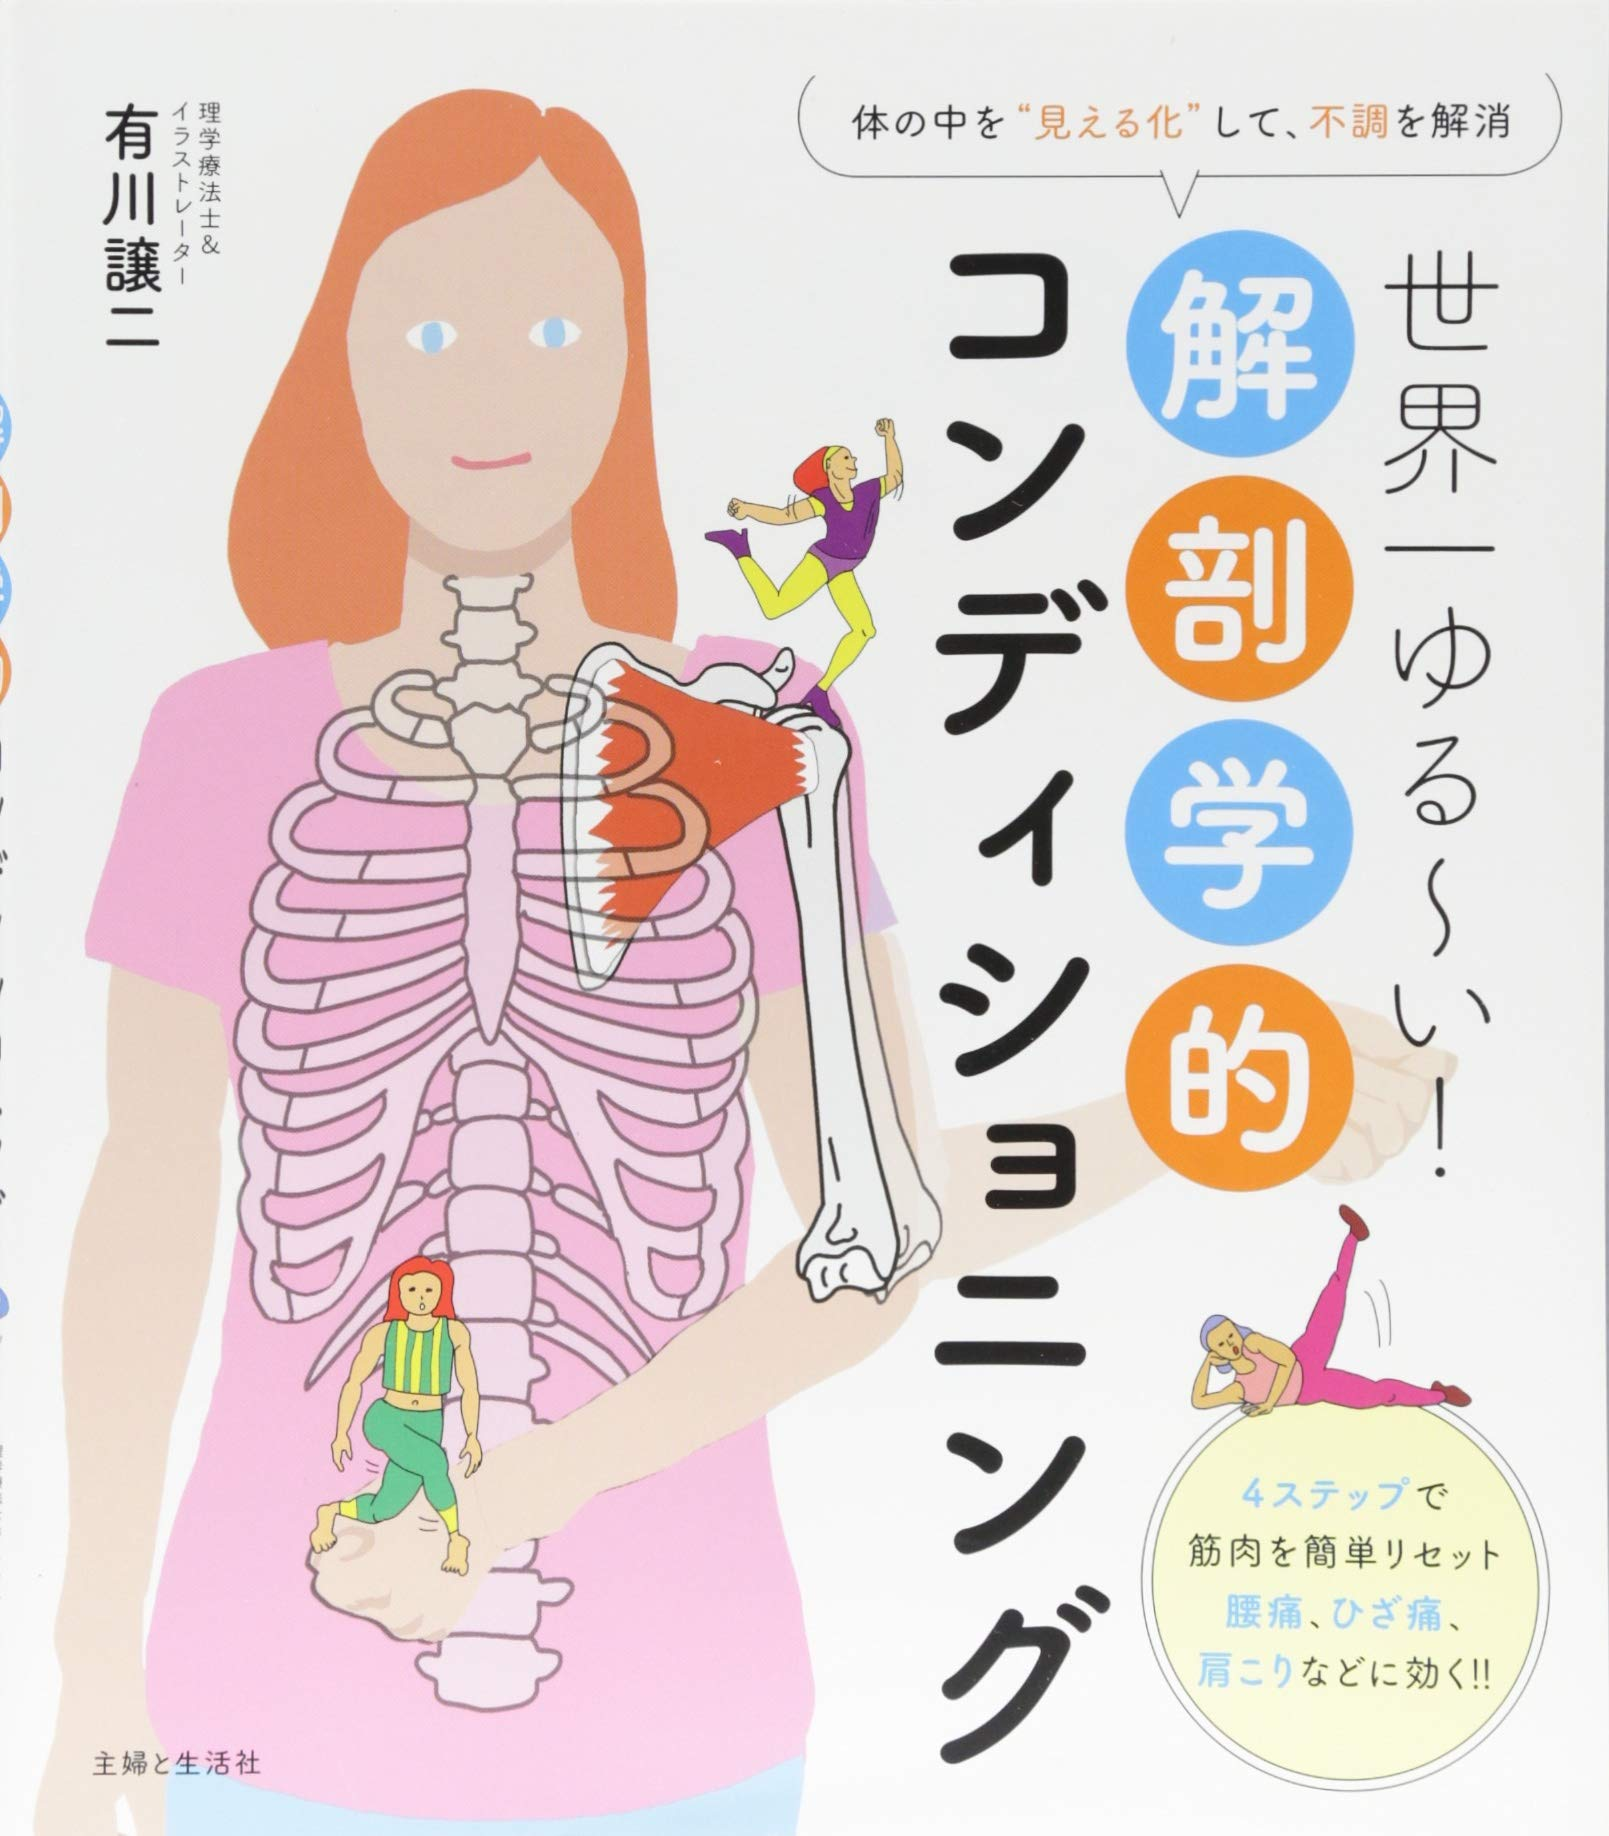 世界一ゆる~い! 解剖学的コンデ...